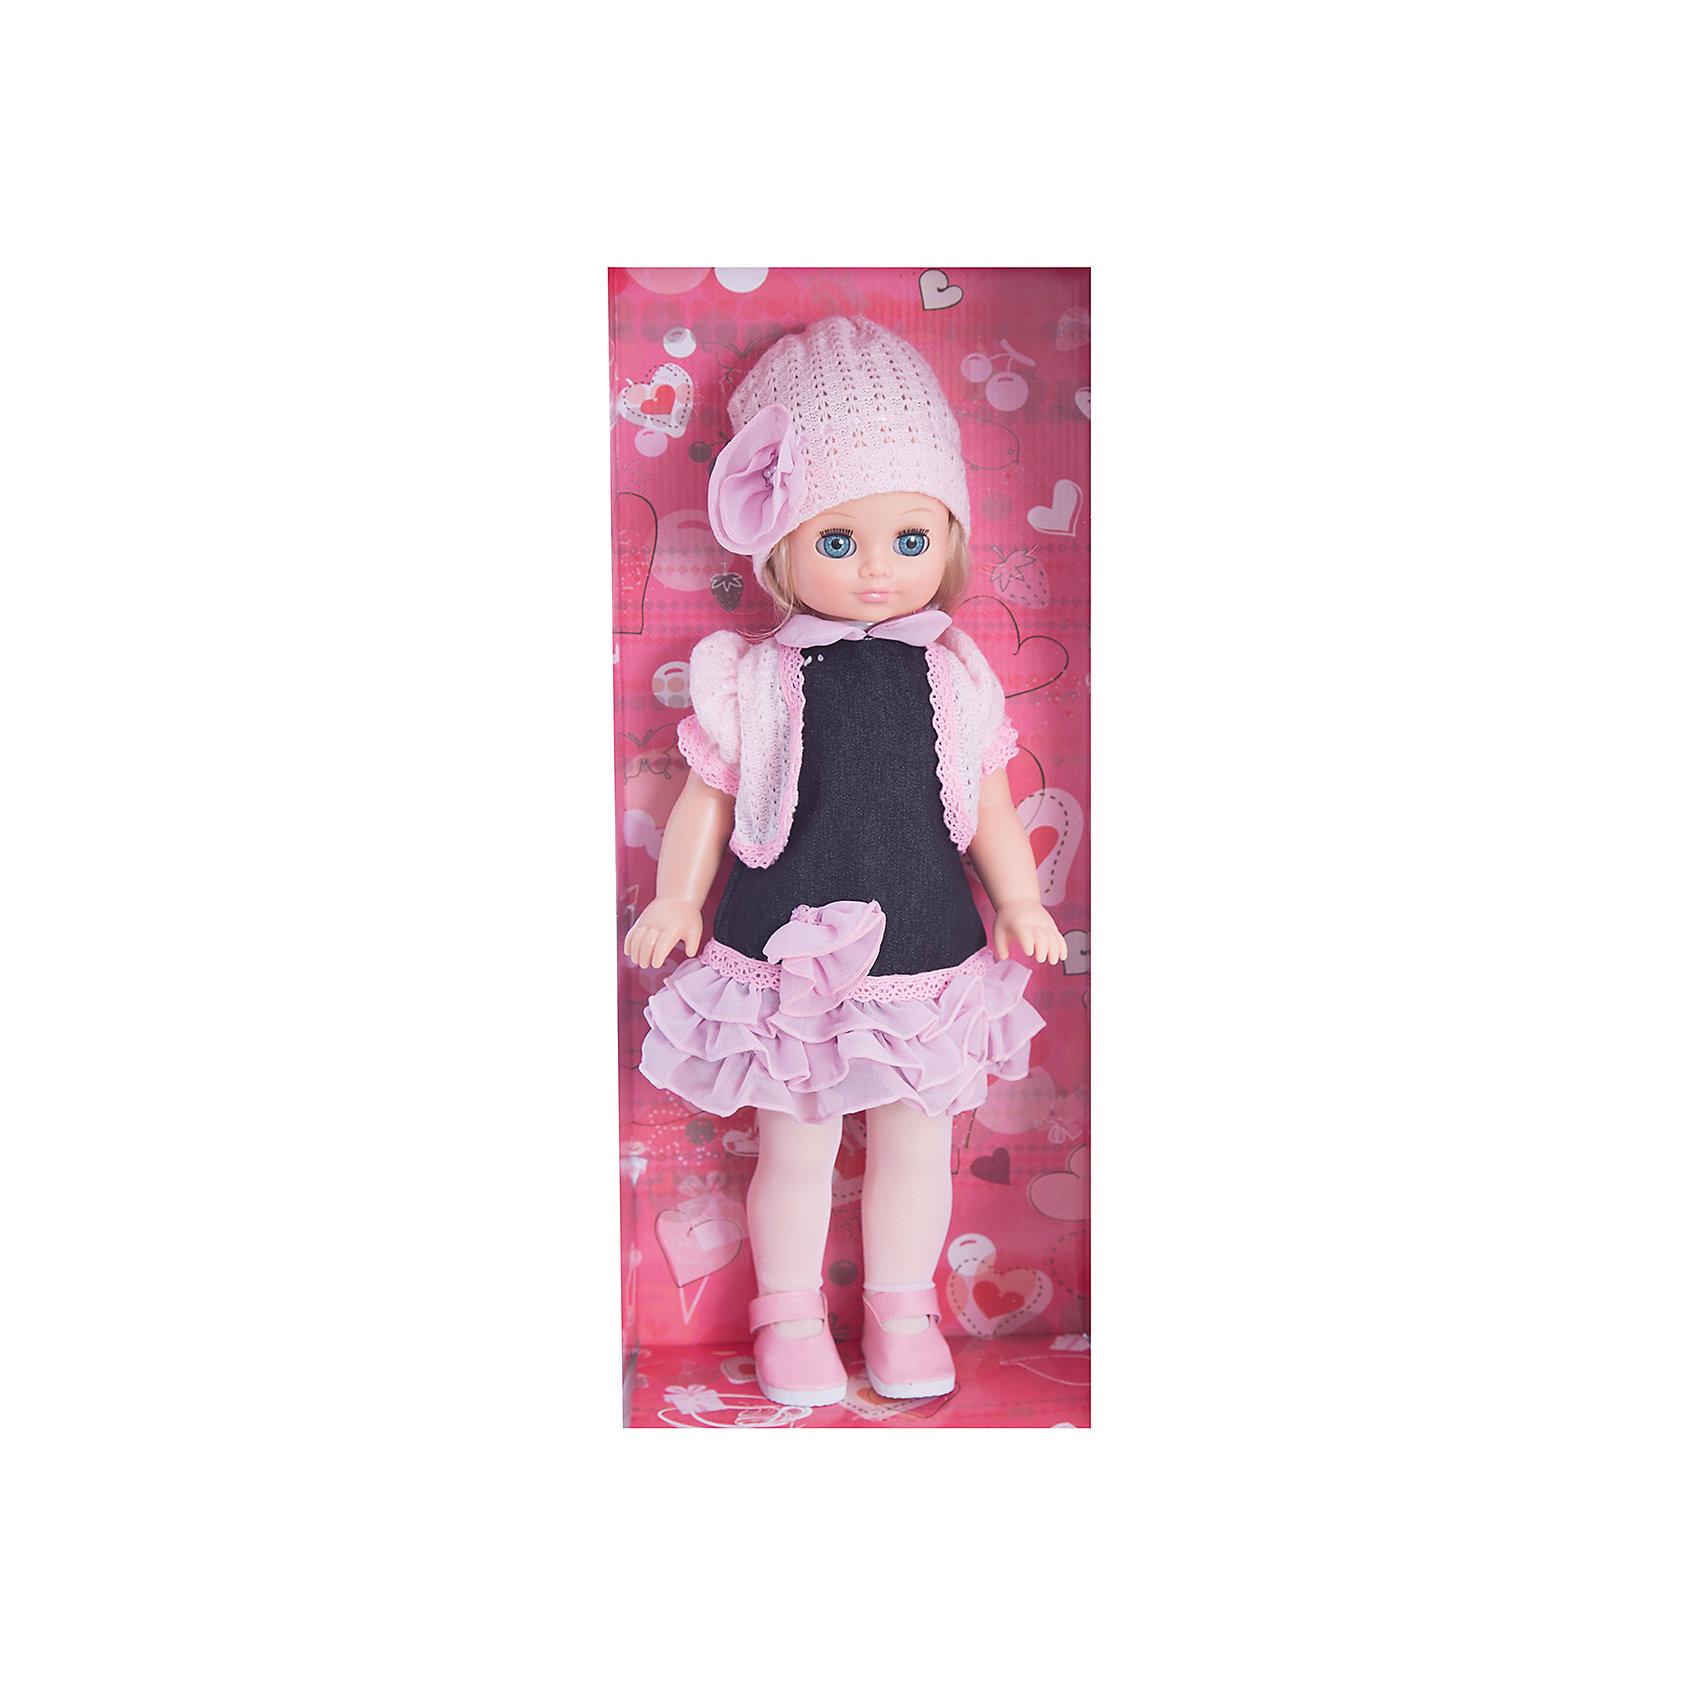 Кукла Лиза 17, со звуком, ВеснаКлассические куклы<br>Какая девочка не любит кукол?! Кукла для девочки - это не только игрушка, с которой можно весело провести время, кукла - это возможность отрабатывать навыки поведения в обществе, учиться заботе о других, делать прически и одеваться согласно моде и поводу.<br>Эта красивая классическая кукла не только эффектно выглядит, она дополнена звуковым модулем! Игрушка модно одета и снабжена аксессуарами. Такая кукла запросто может стать самой любимой игрушкой! Произведена из безопасных для ребенка и качественных материалов.<br><br>Дополнительная информация:<br><br>цвет: разноцветный;<br>материал: пластик, текстиль;<br>комплектация: кукла, одежда, аксессуары;<br>высота: 42 см.<br><br>Куклу Лиза 17, со звуком, от компании Весна можно купить в нашем магазине.<br><br>Ширина мм: 490<br>Глубина мм: 210<br>Высота мм: 130<br>Вес г: 550<br>Возраст от месяцев: 36<br>Возраст до месяцев: 120<br>Пол: Женский<br>Возраст: Детский<br>SKU: 4642025